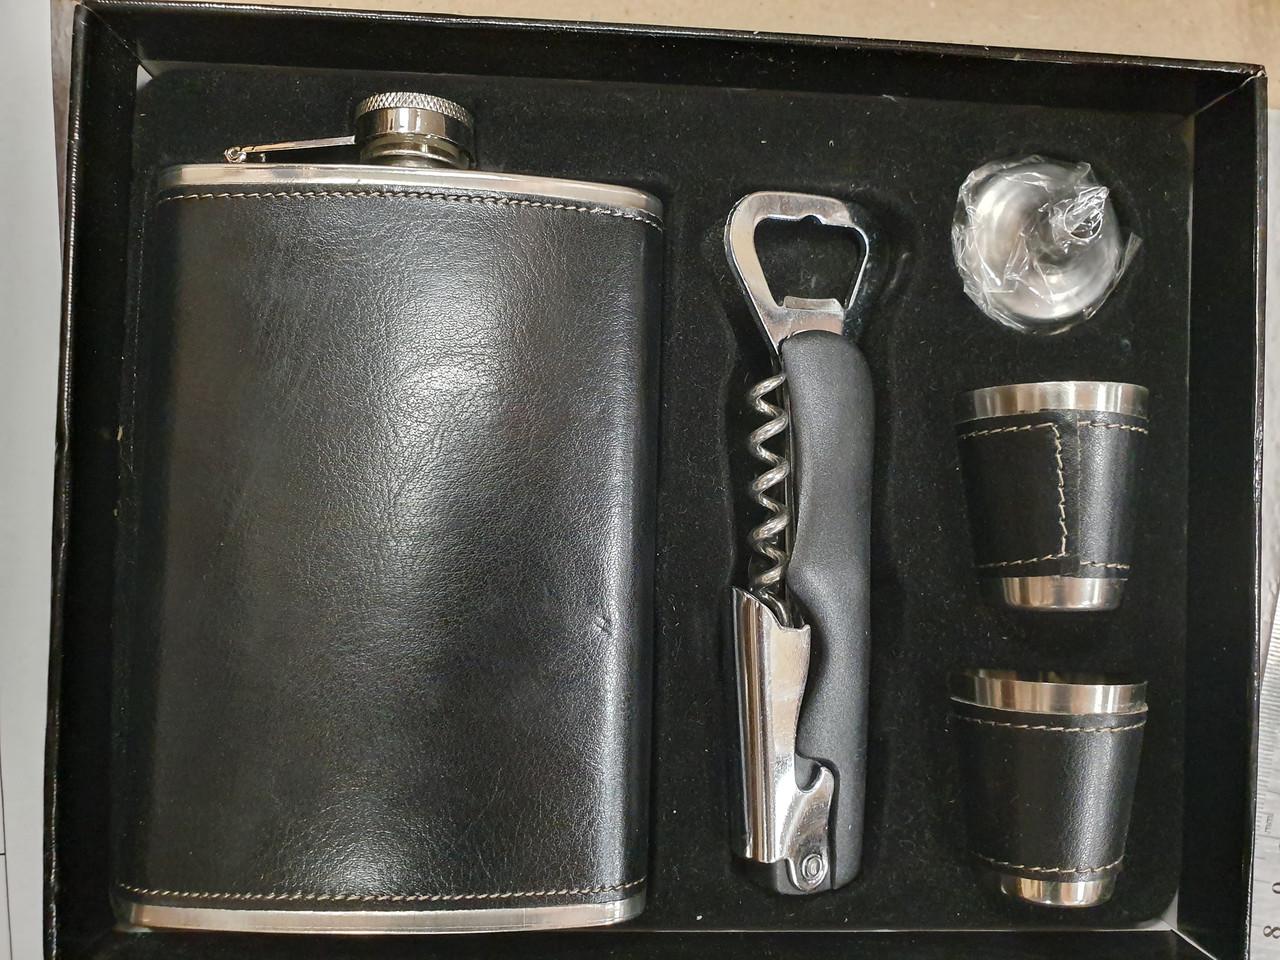 Подарочный набор Фляга + рюмки в кожзаме